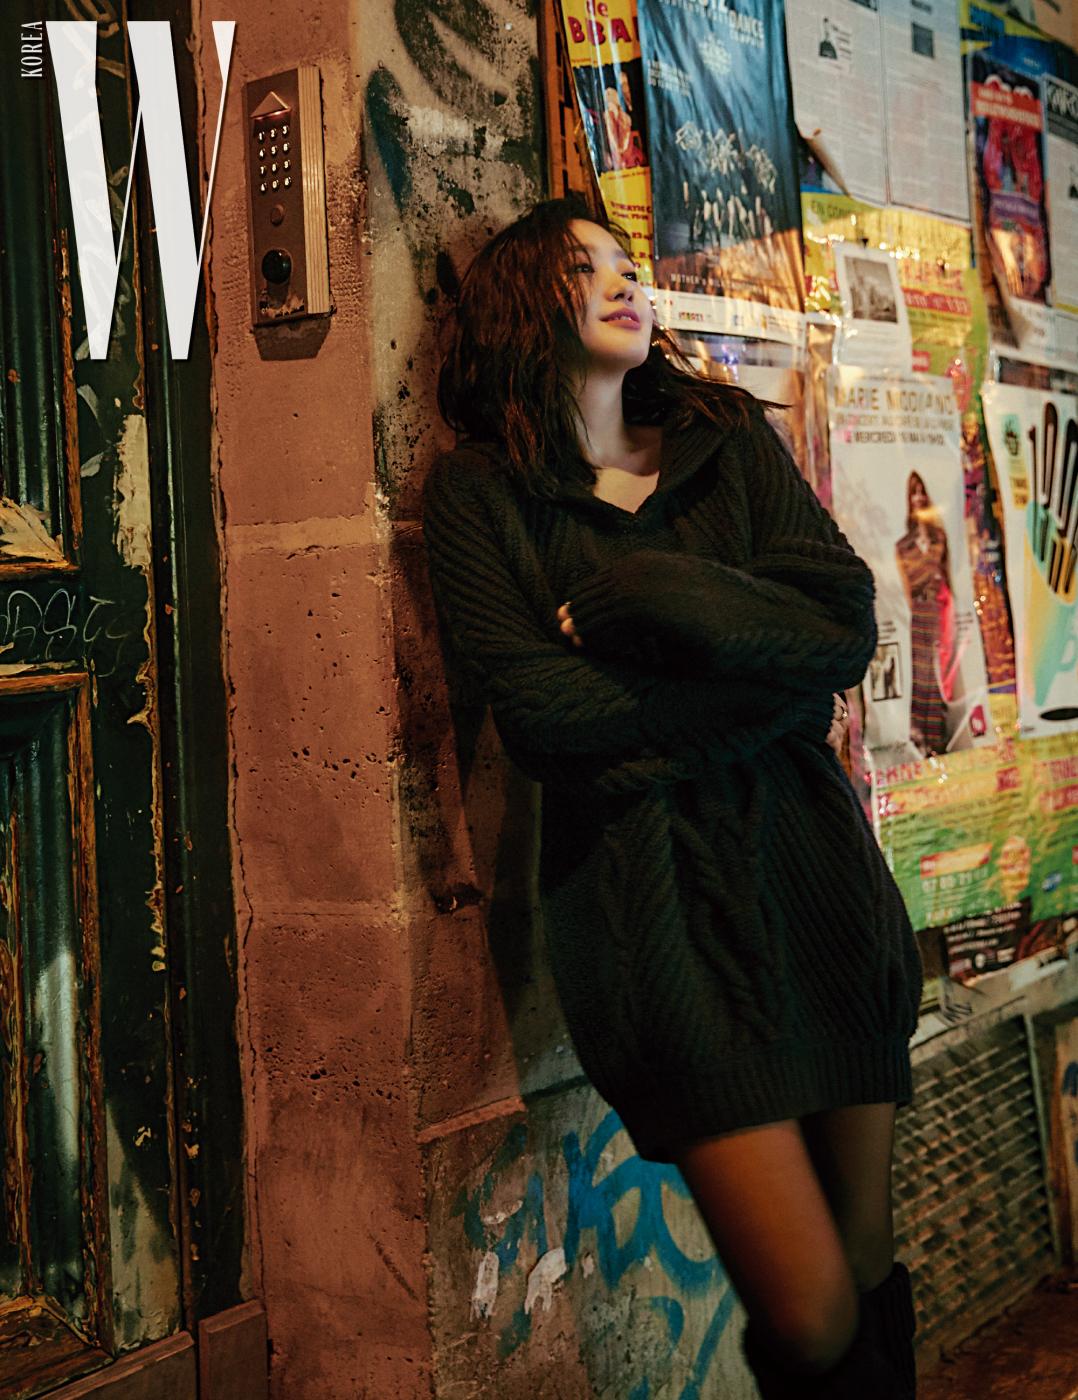 넉넉한 니트 원피스와 롱부츠, 코코 크러쉬 반지는 모두 Chanel 제품.